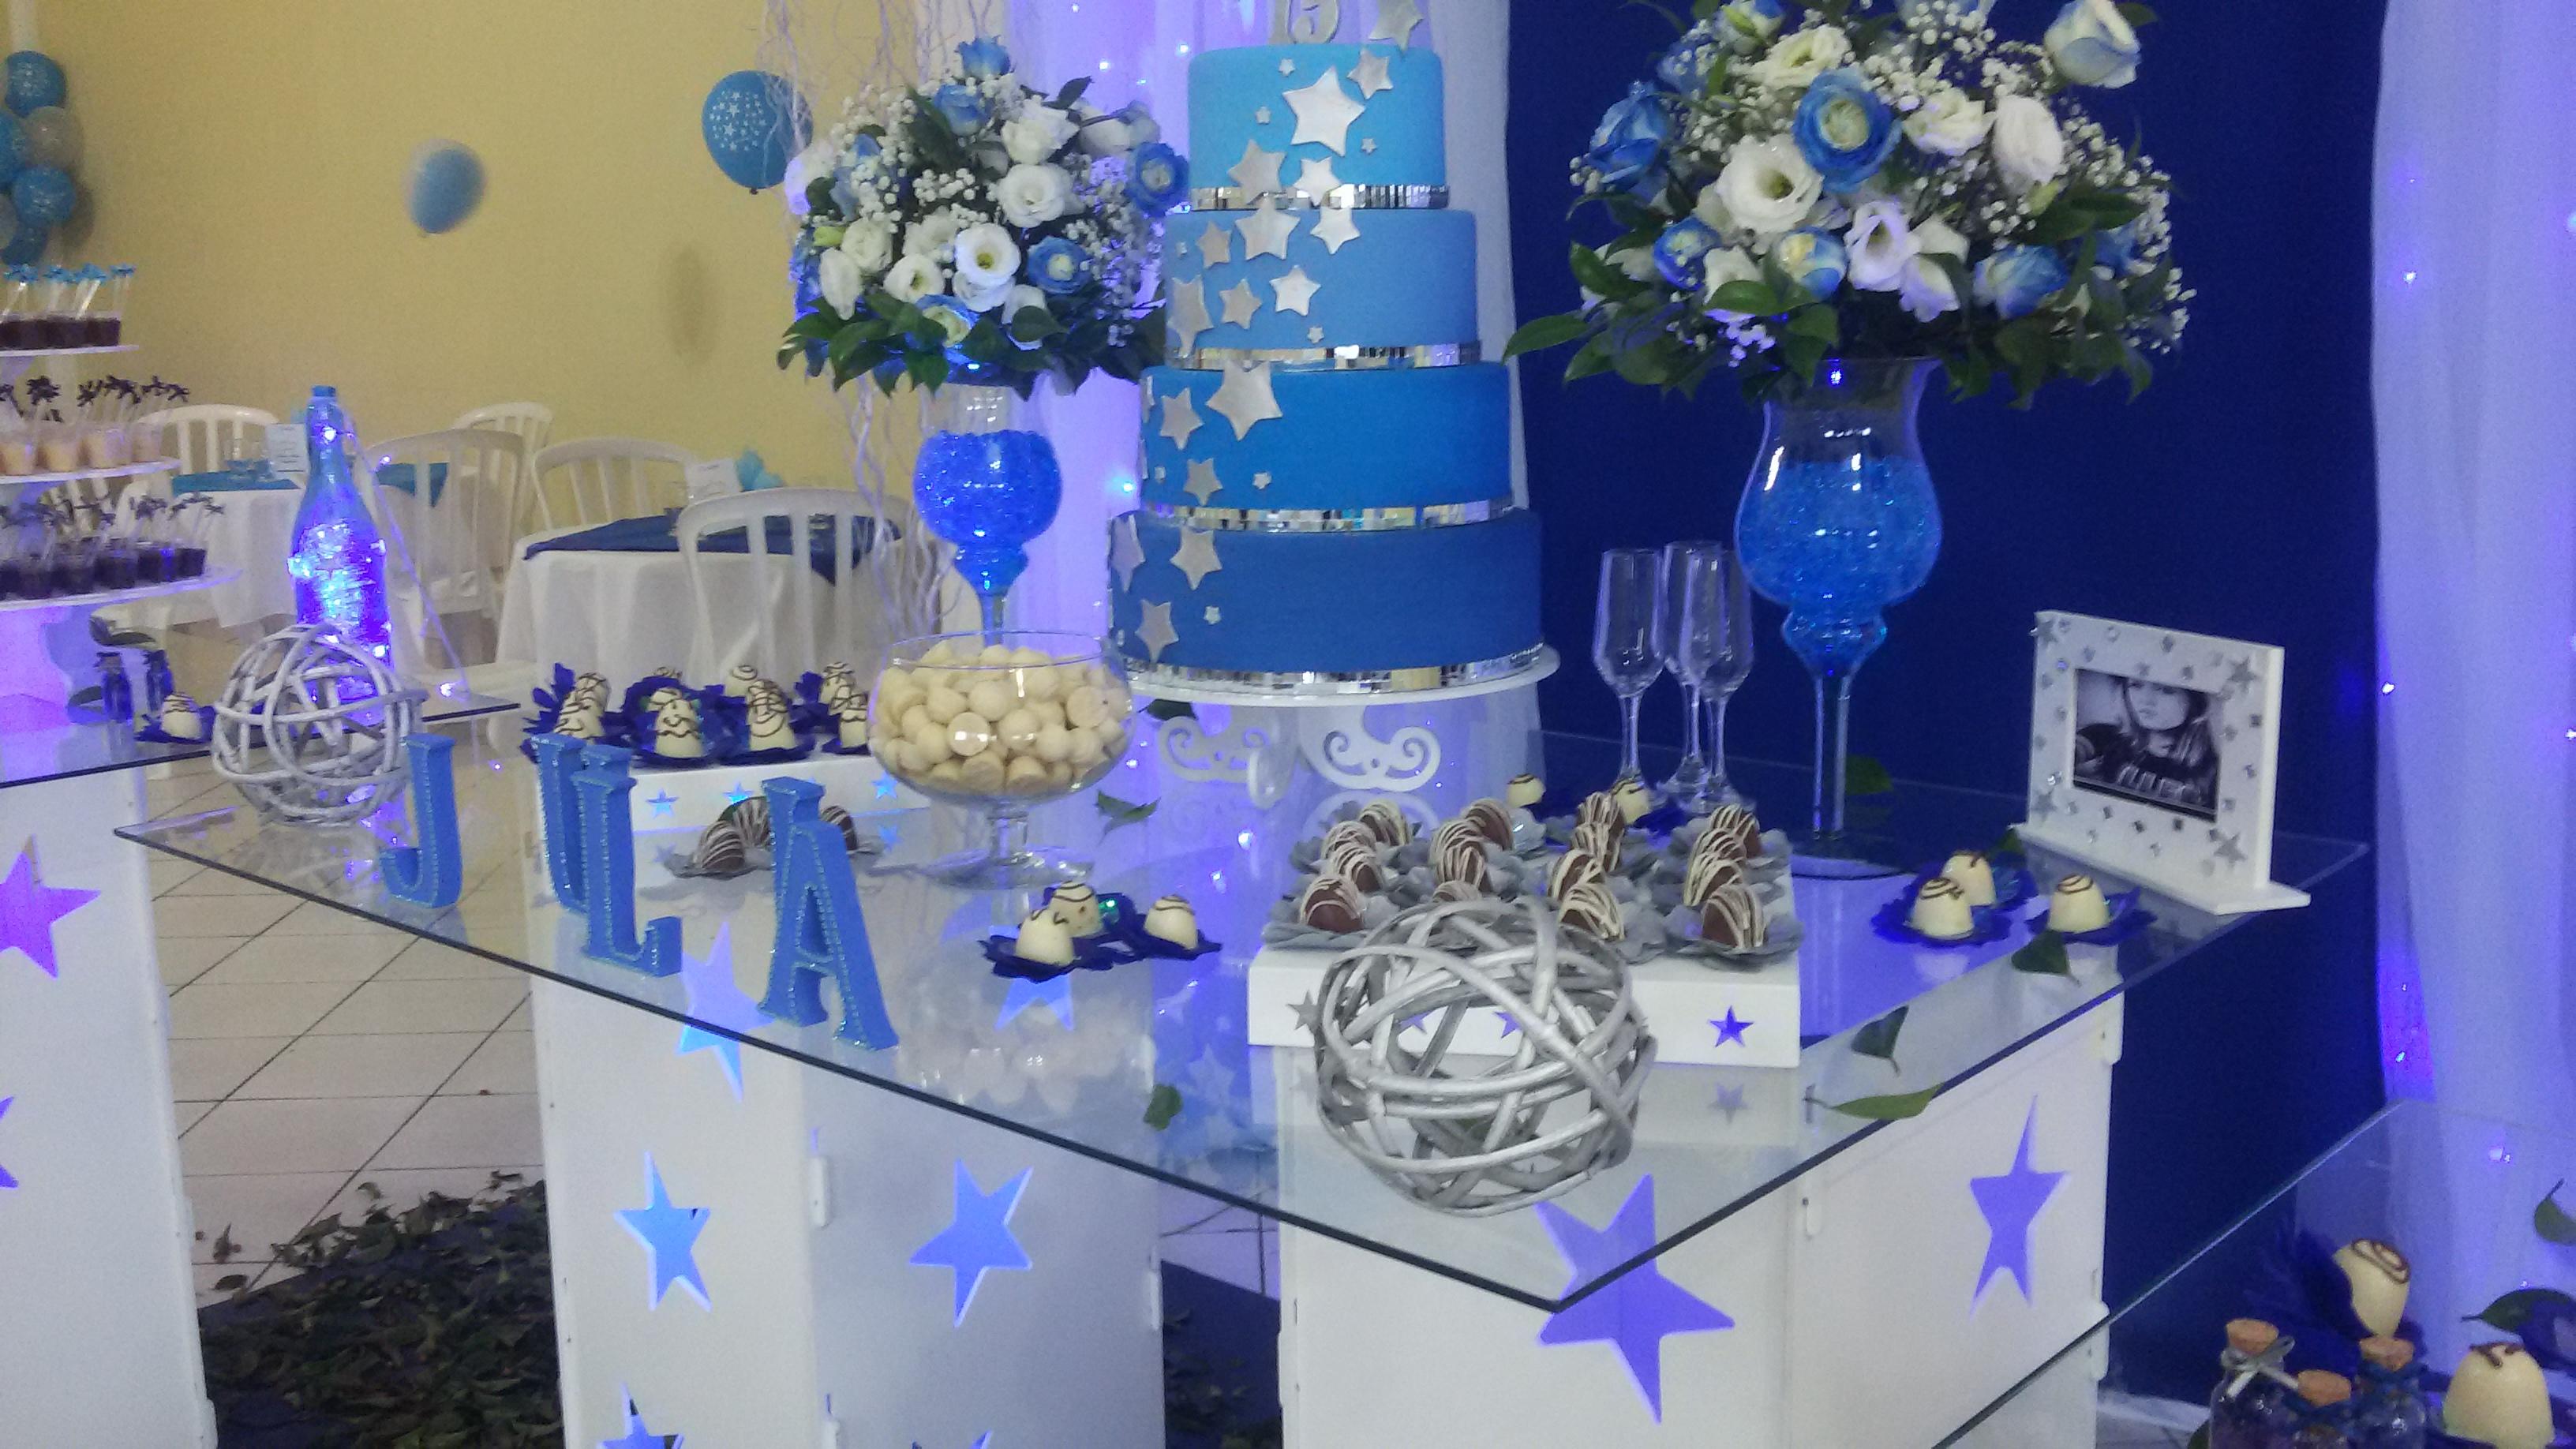 decoracao-de-15-anos-azul-decoracao-provencal.jpg